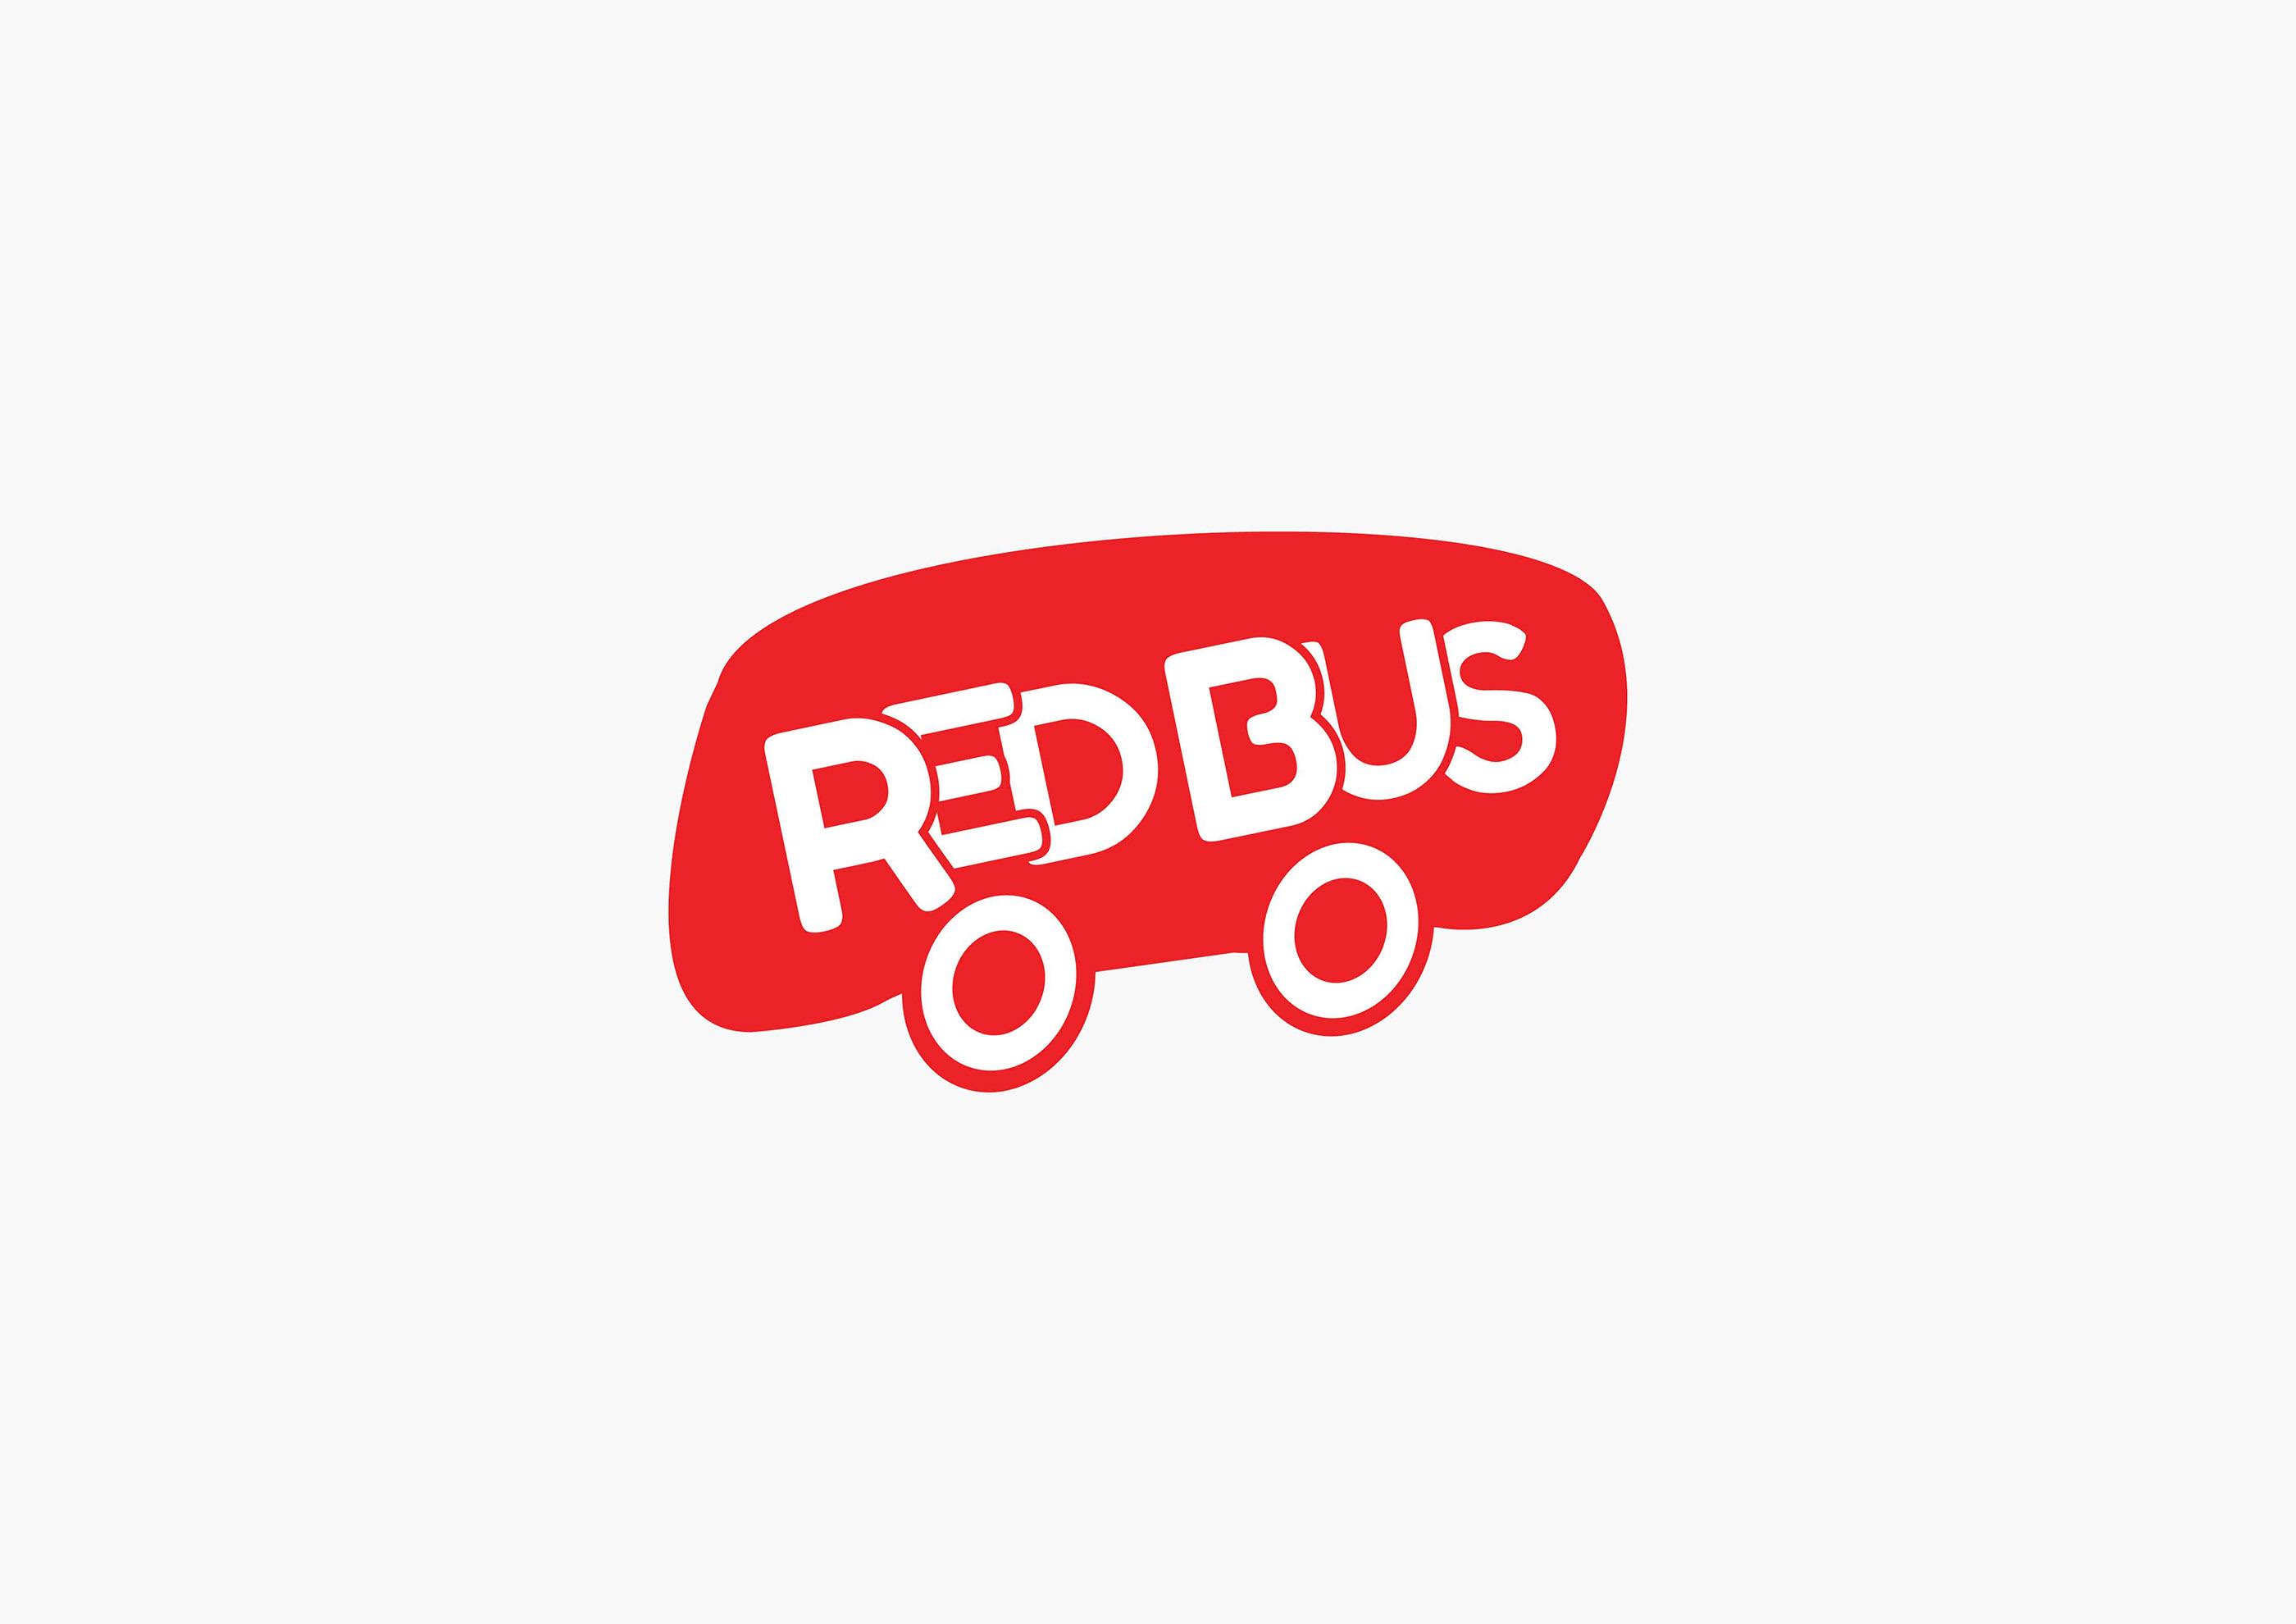 Redbus.